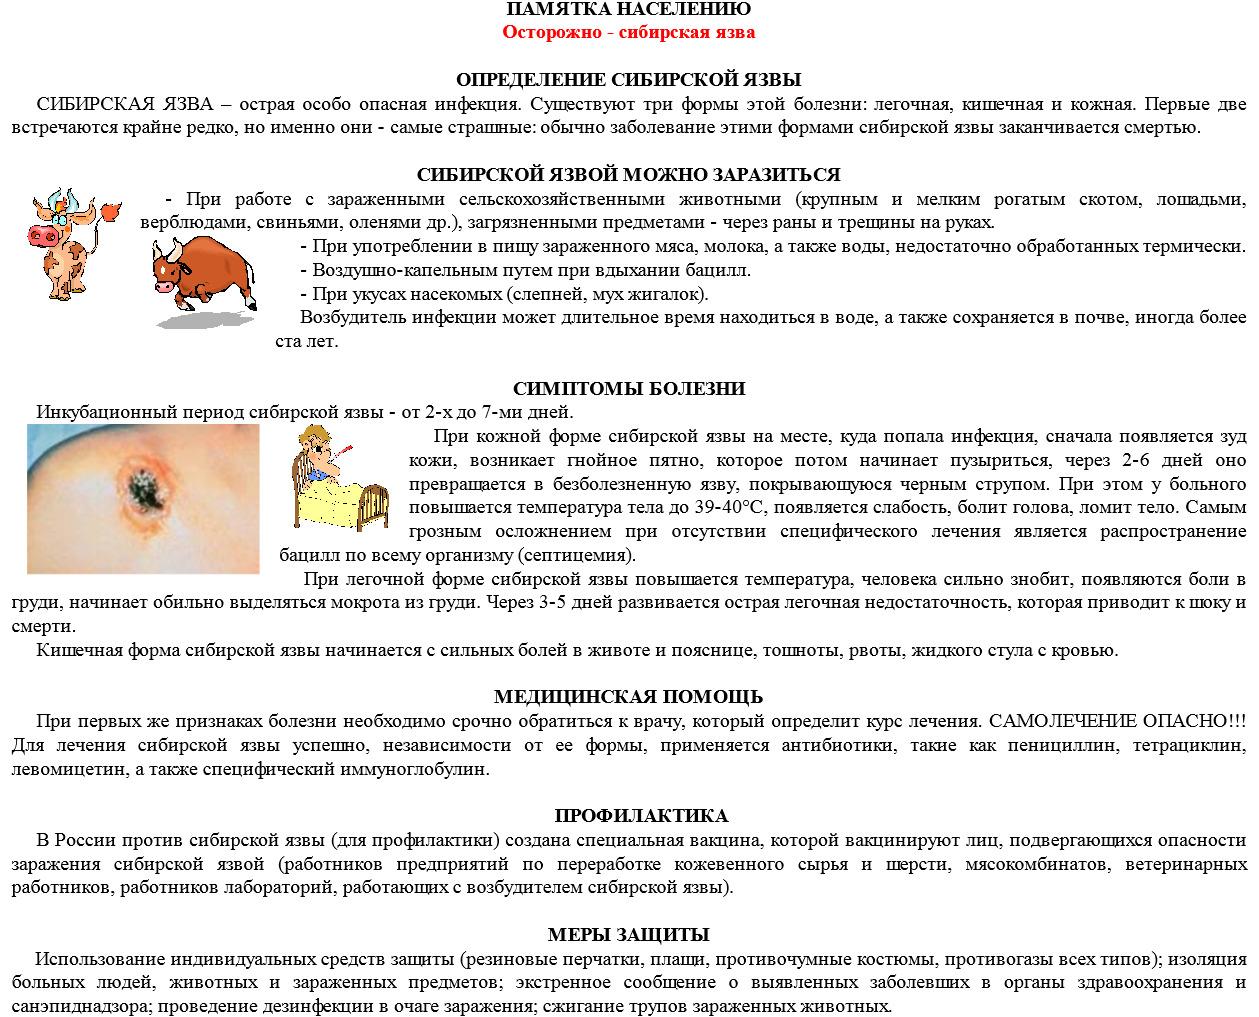 Почему дохнут куры: как определить причину, что делать и как их лечить? Рейтинг смертельных и опасных заболеваний